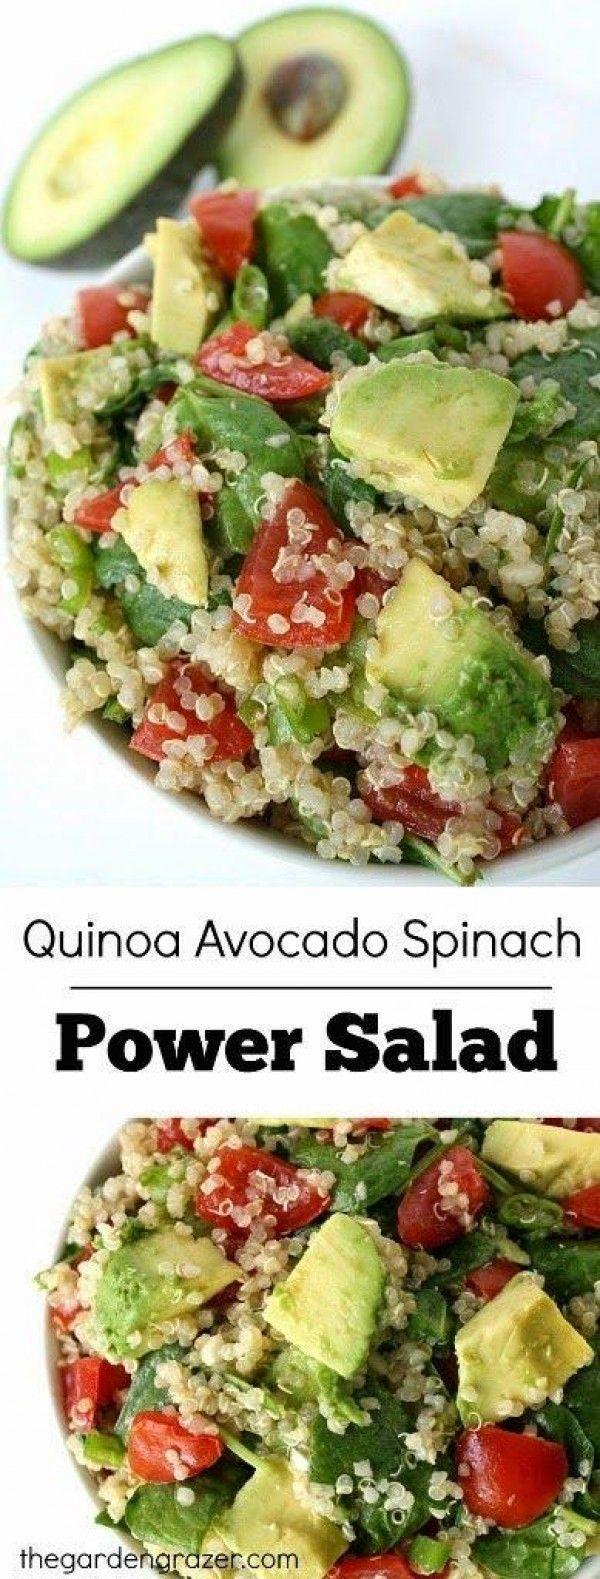 Get the recipe Quinoa Avocado Spinach Power Salad @recipes_to_go